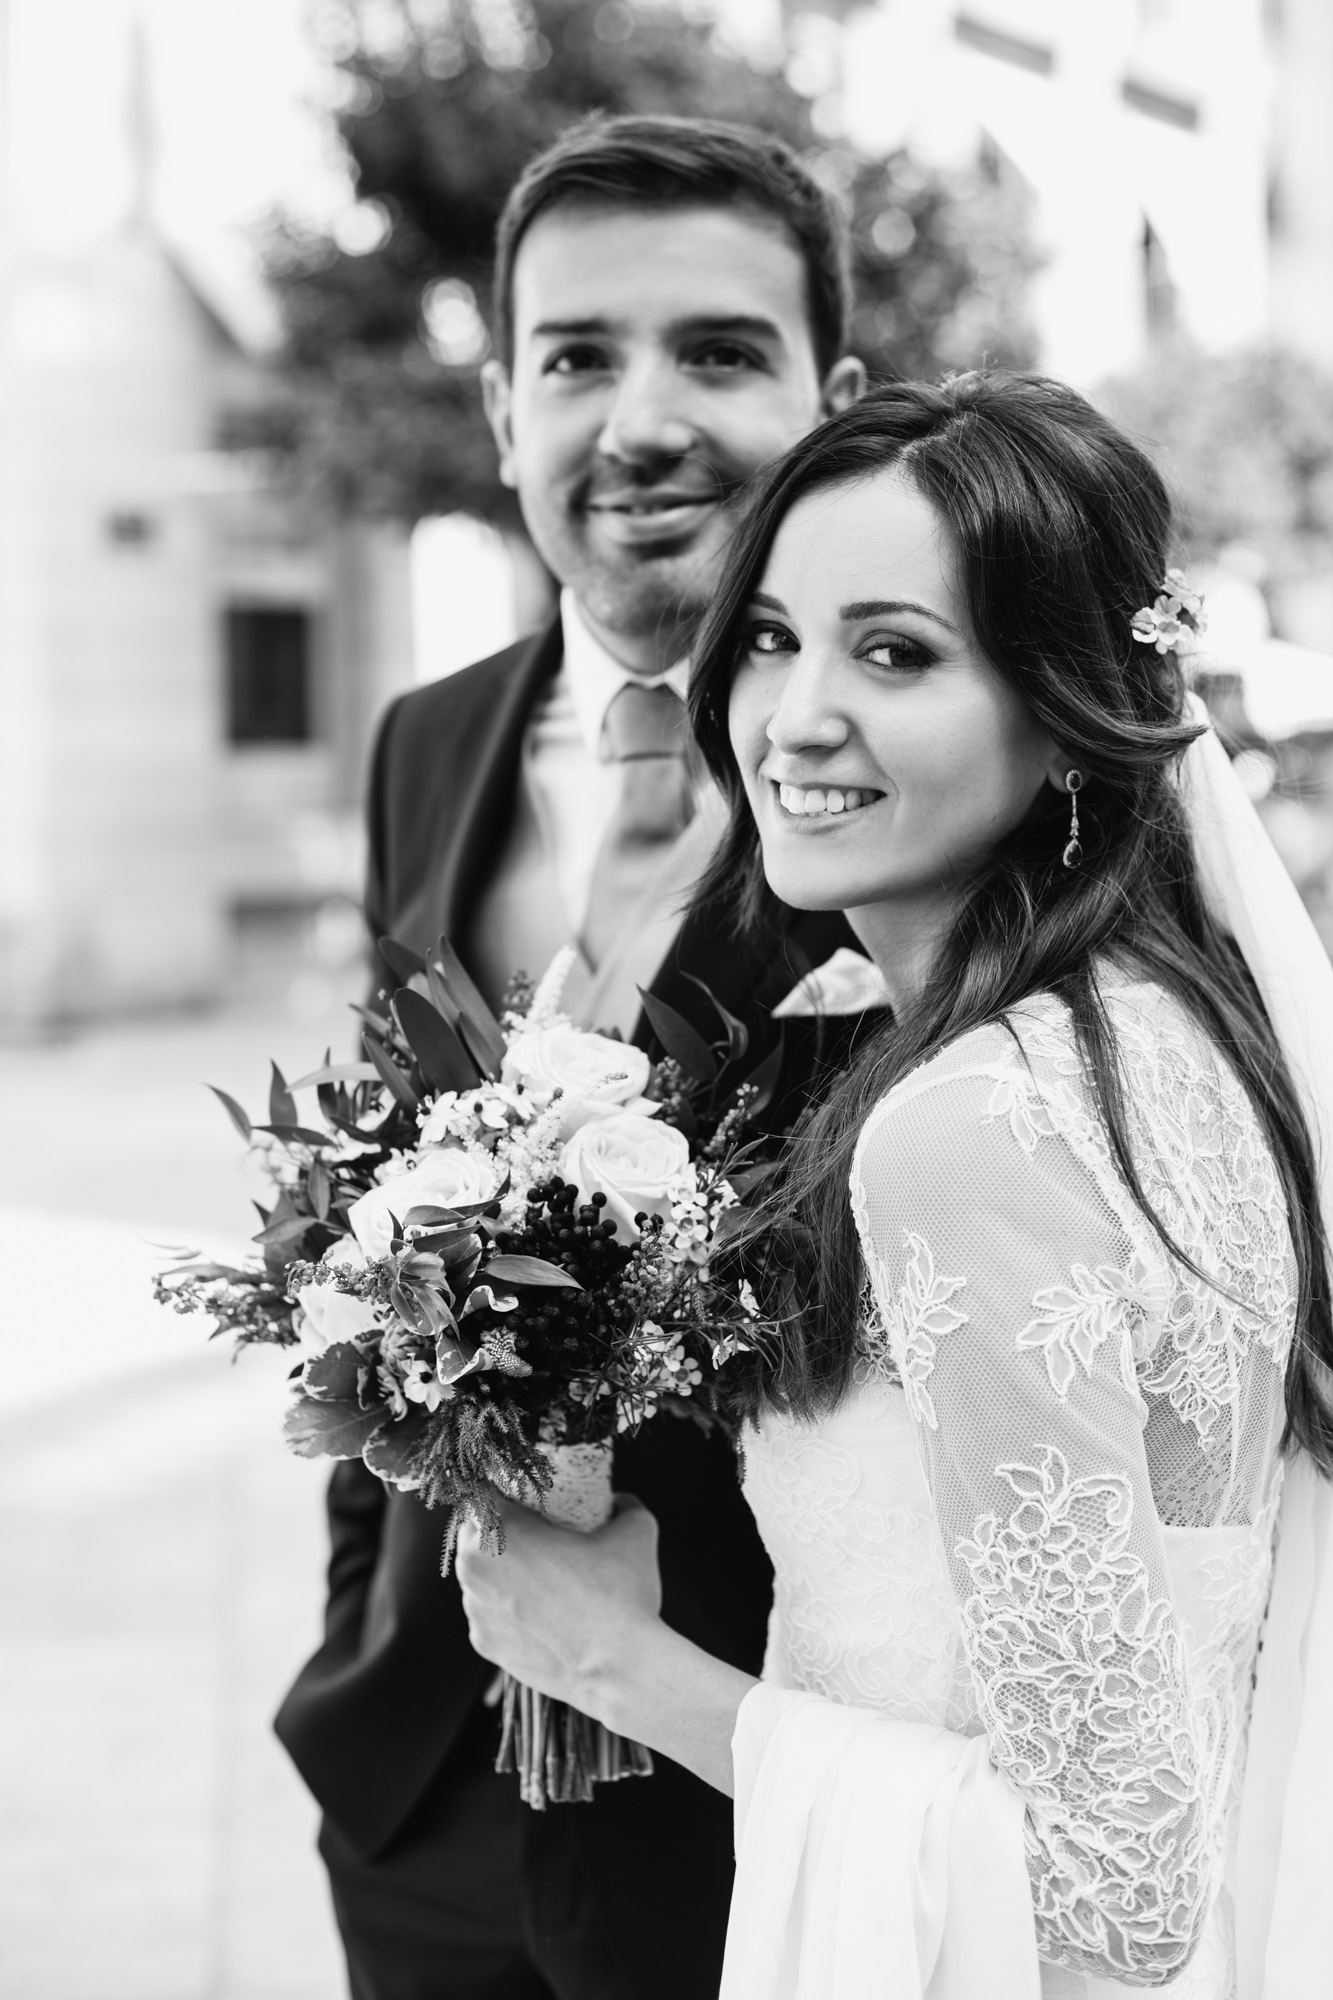 Un equipo increíble. La calidad de las fotos y el vídeo es excelente. Totalmente recomendables, majísimos y súper trabajadores. Se preocupan de cada detalle y saben perfectamente captar cada momento. Fueron los fotógrafos de nuestra boda. Artistas y profesionales como la copa de un pino. ¡¡Serán nuestros fotógrafos de las bodas de plata!! - - María Borja y Borja Gascón -